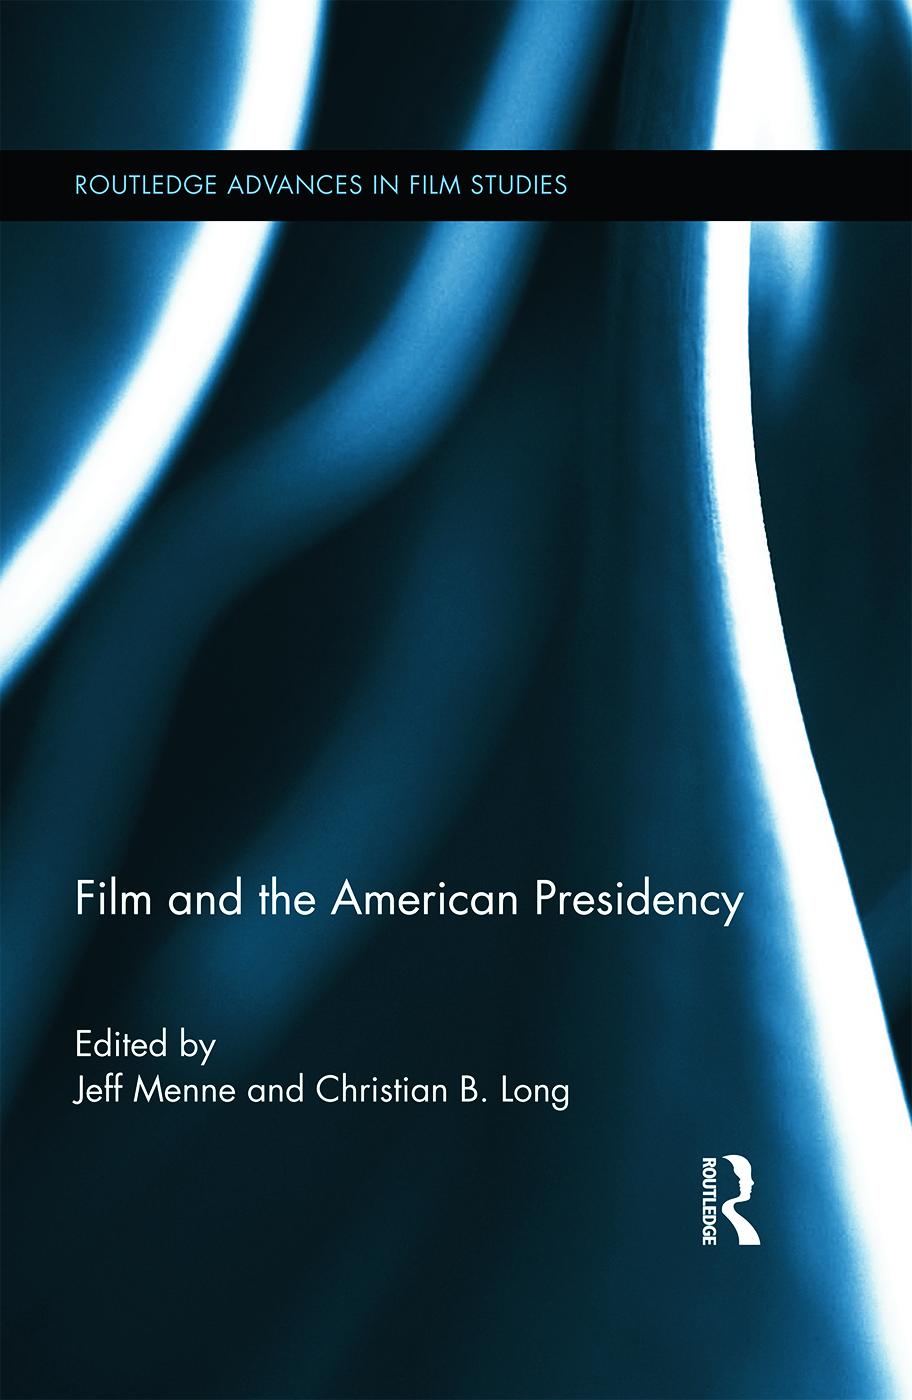 Film and the American Presidency.jpg